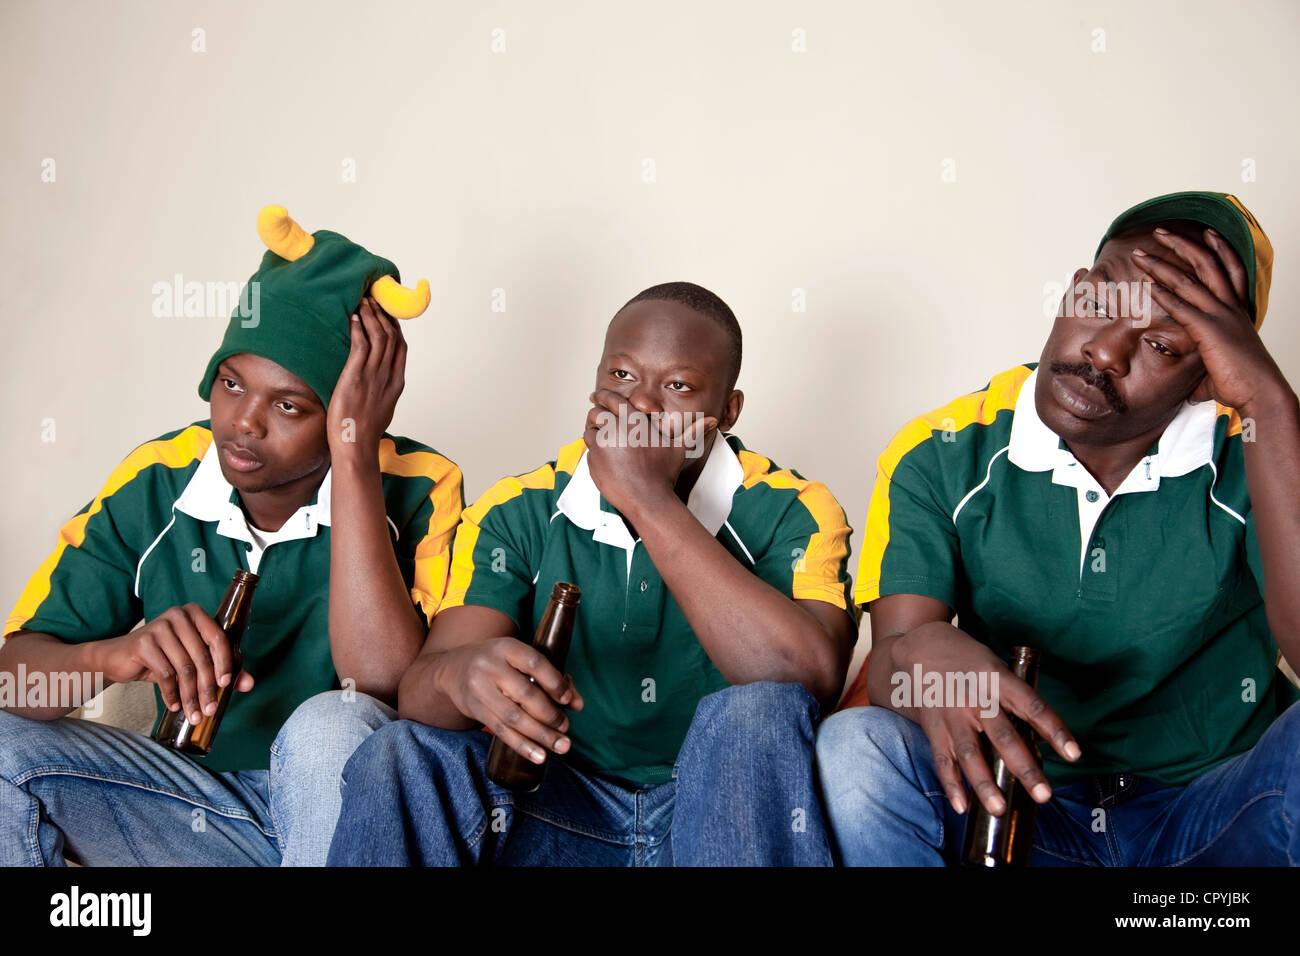 Drei Freunde in Rugby-Uniformen gekleidet eine Rugby-Spiel im Fernsehen zu sehen, beim Bier trinken Stockbild